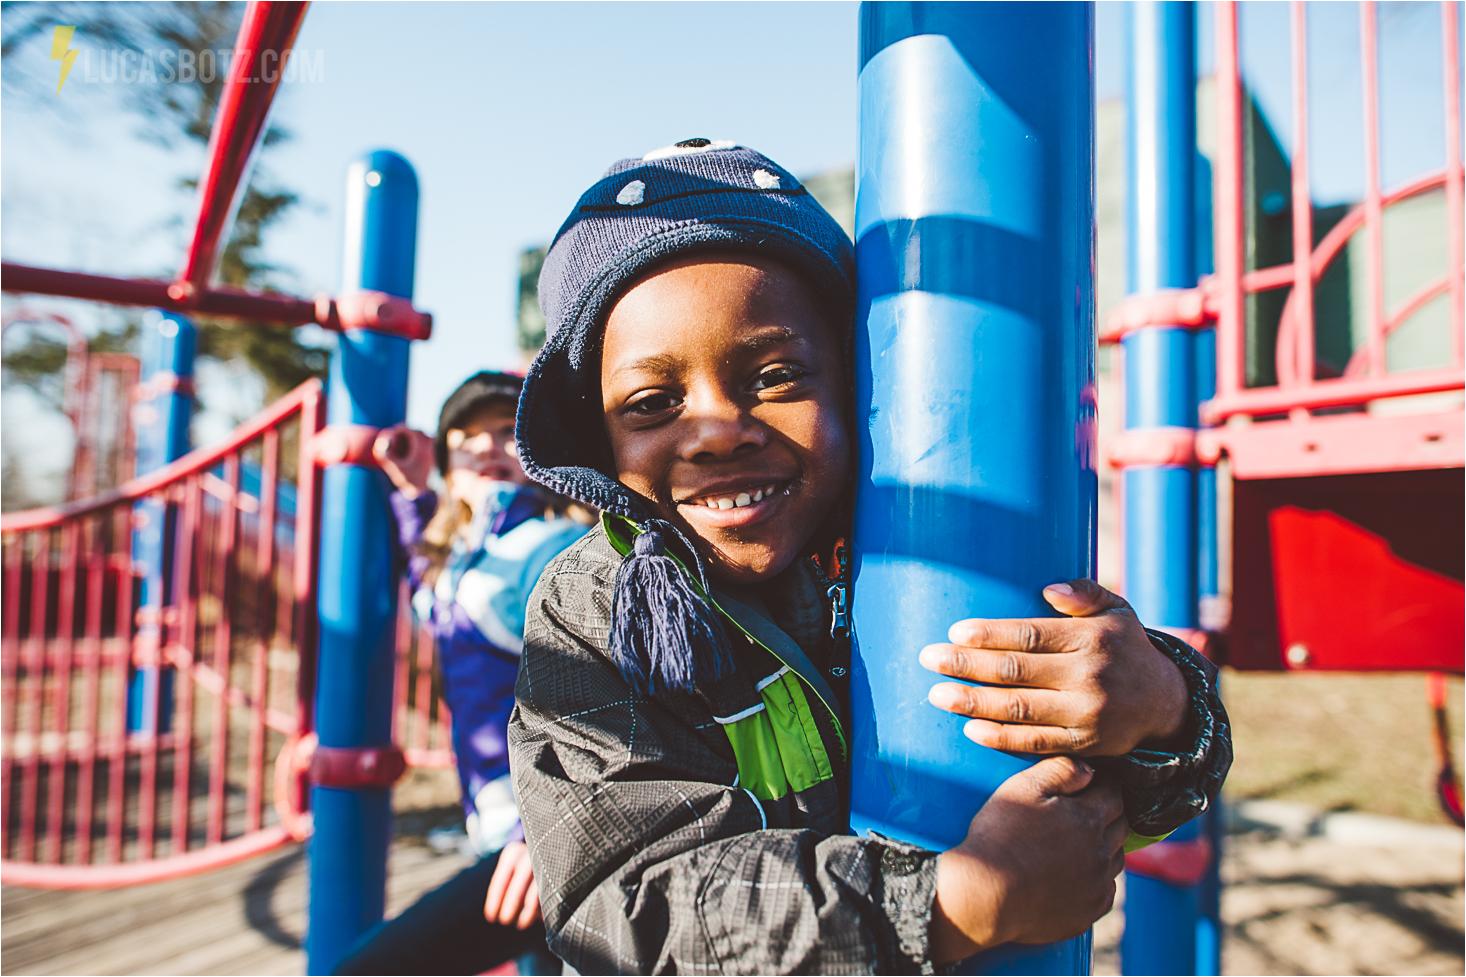 kids park6.jpg